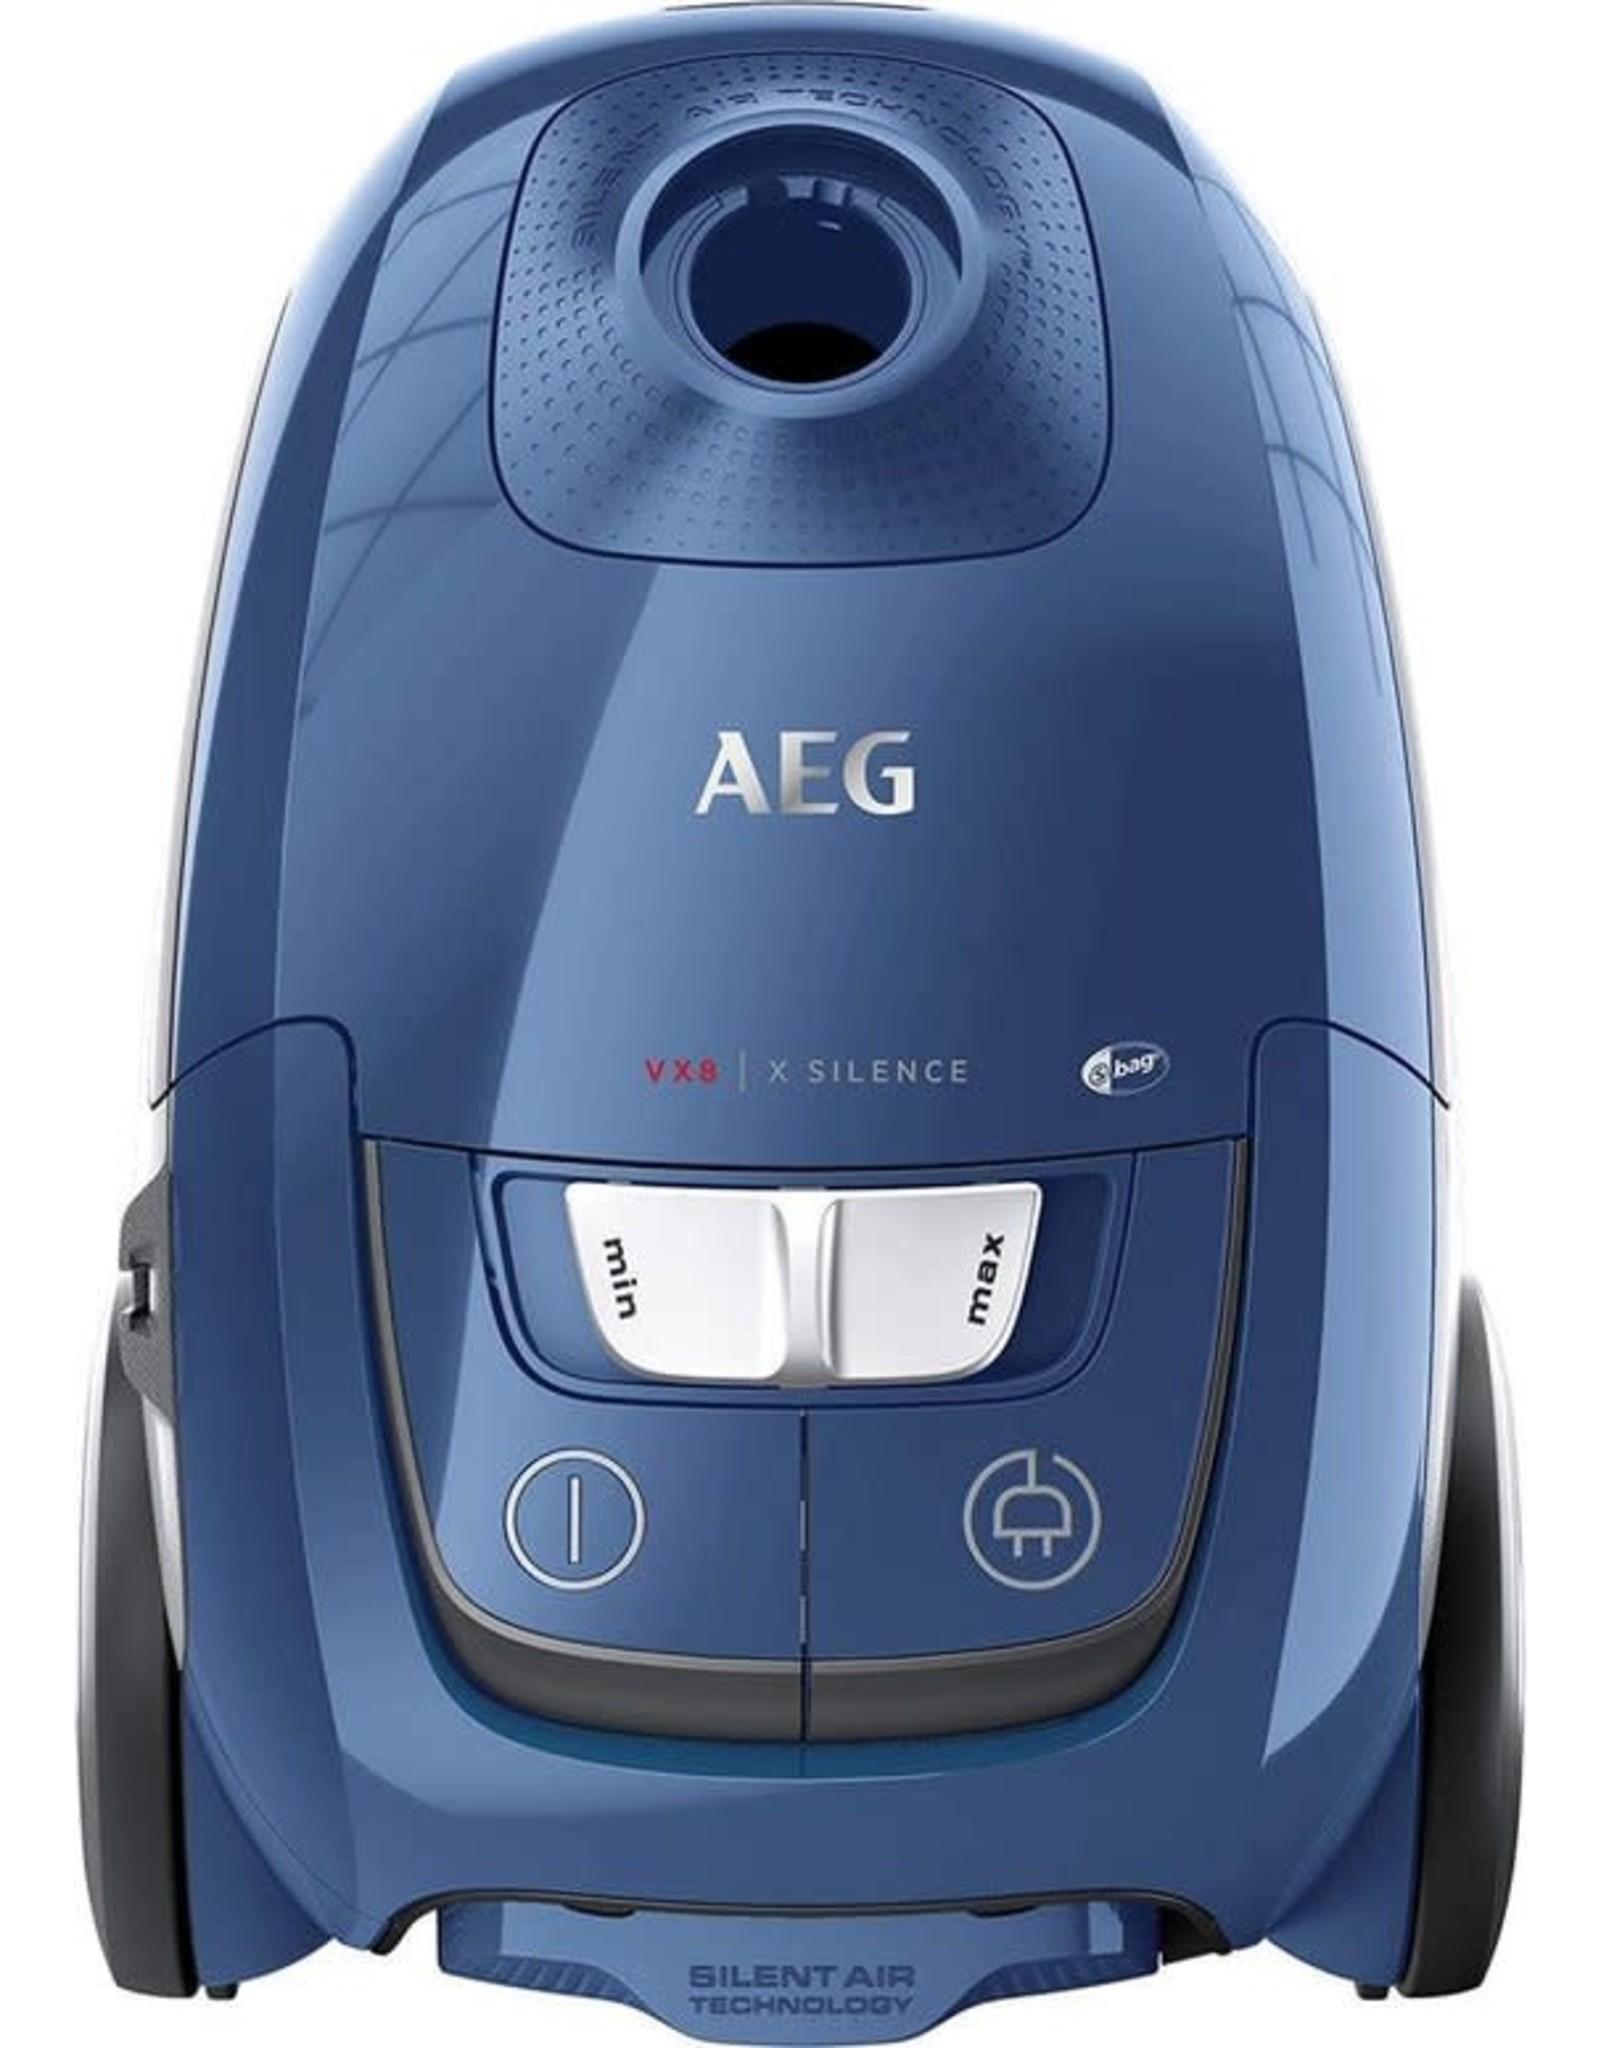 AEG VX8-2-6SB - Stofzuiger met zak